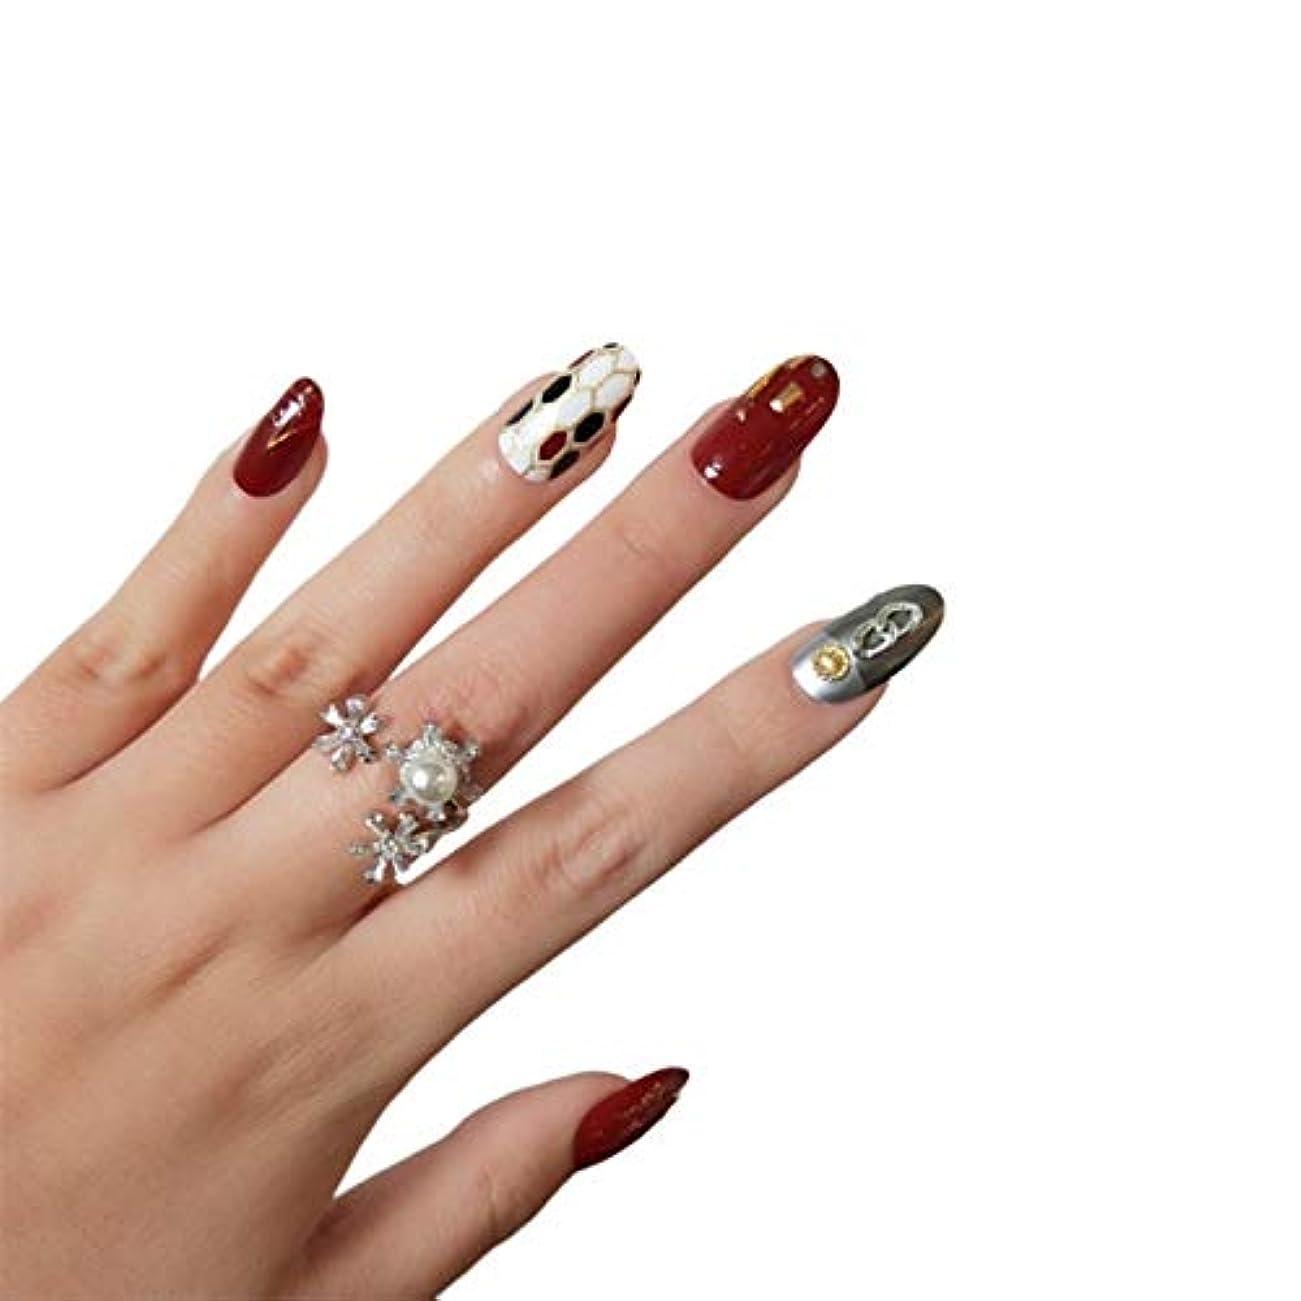 石化するスポーツキャラクターNANNAN ネイルチップ ネイルチップ つけ爪 付け爪 つけ方簡単 ネイル デコネイルコレクション シール ハロウィン 母の日 パーティ 人気 毎日変身 24枚セット